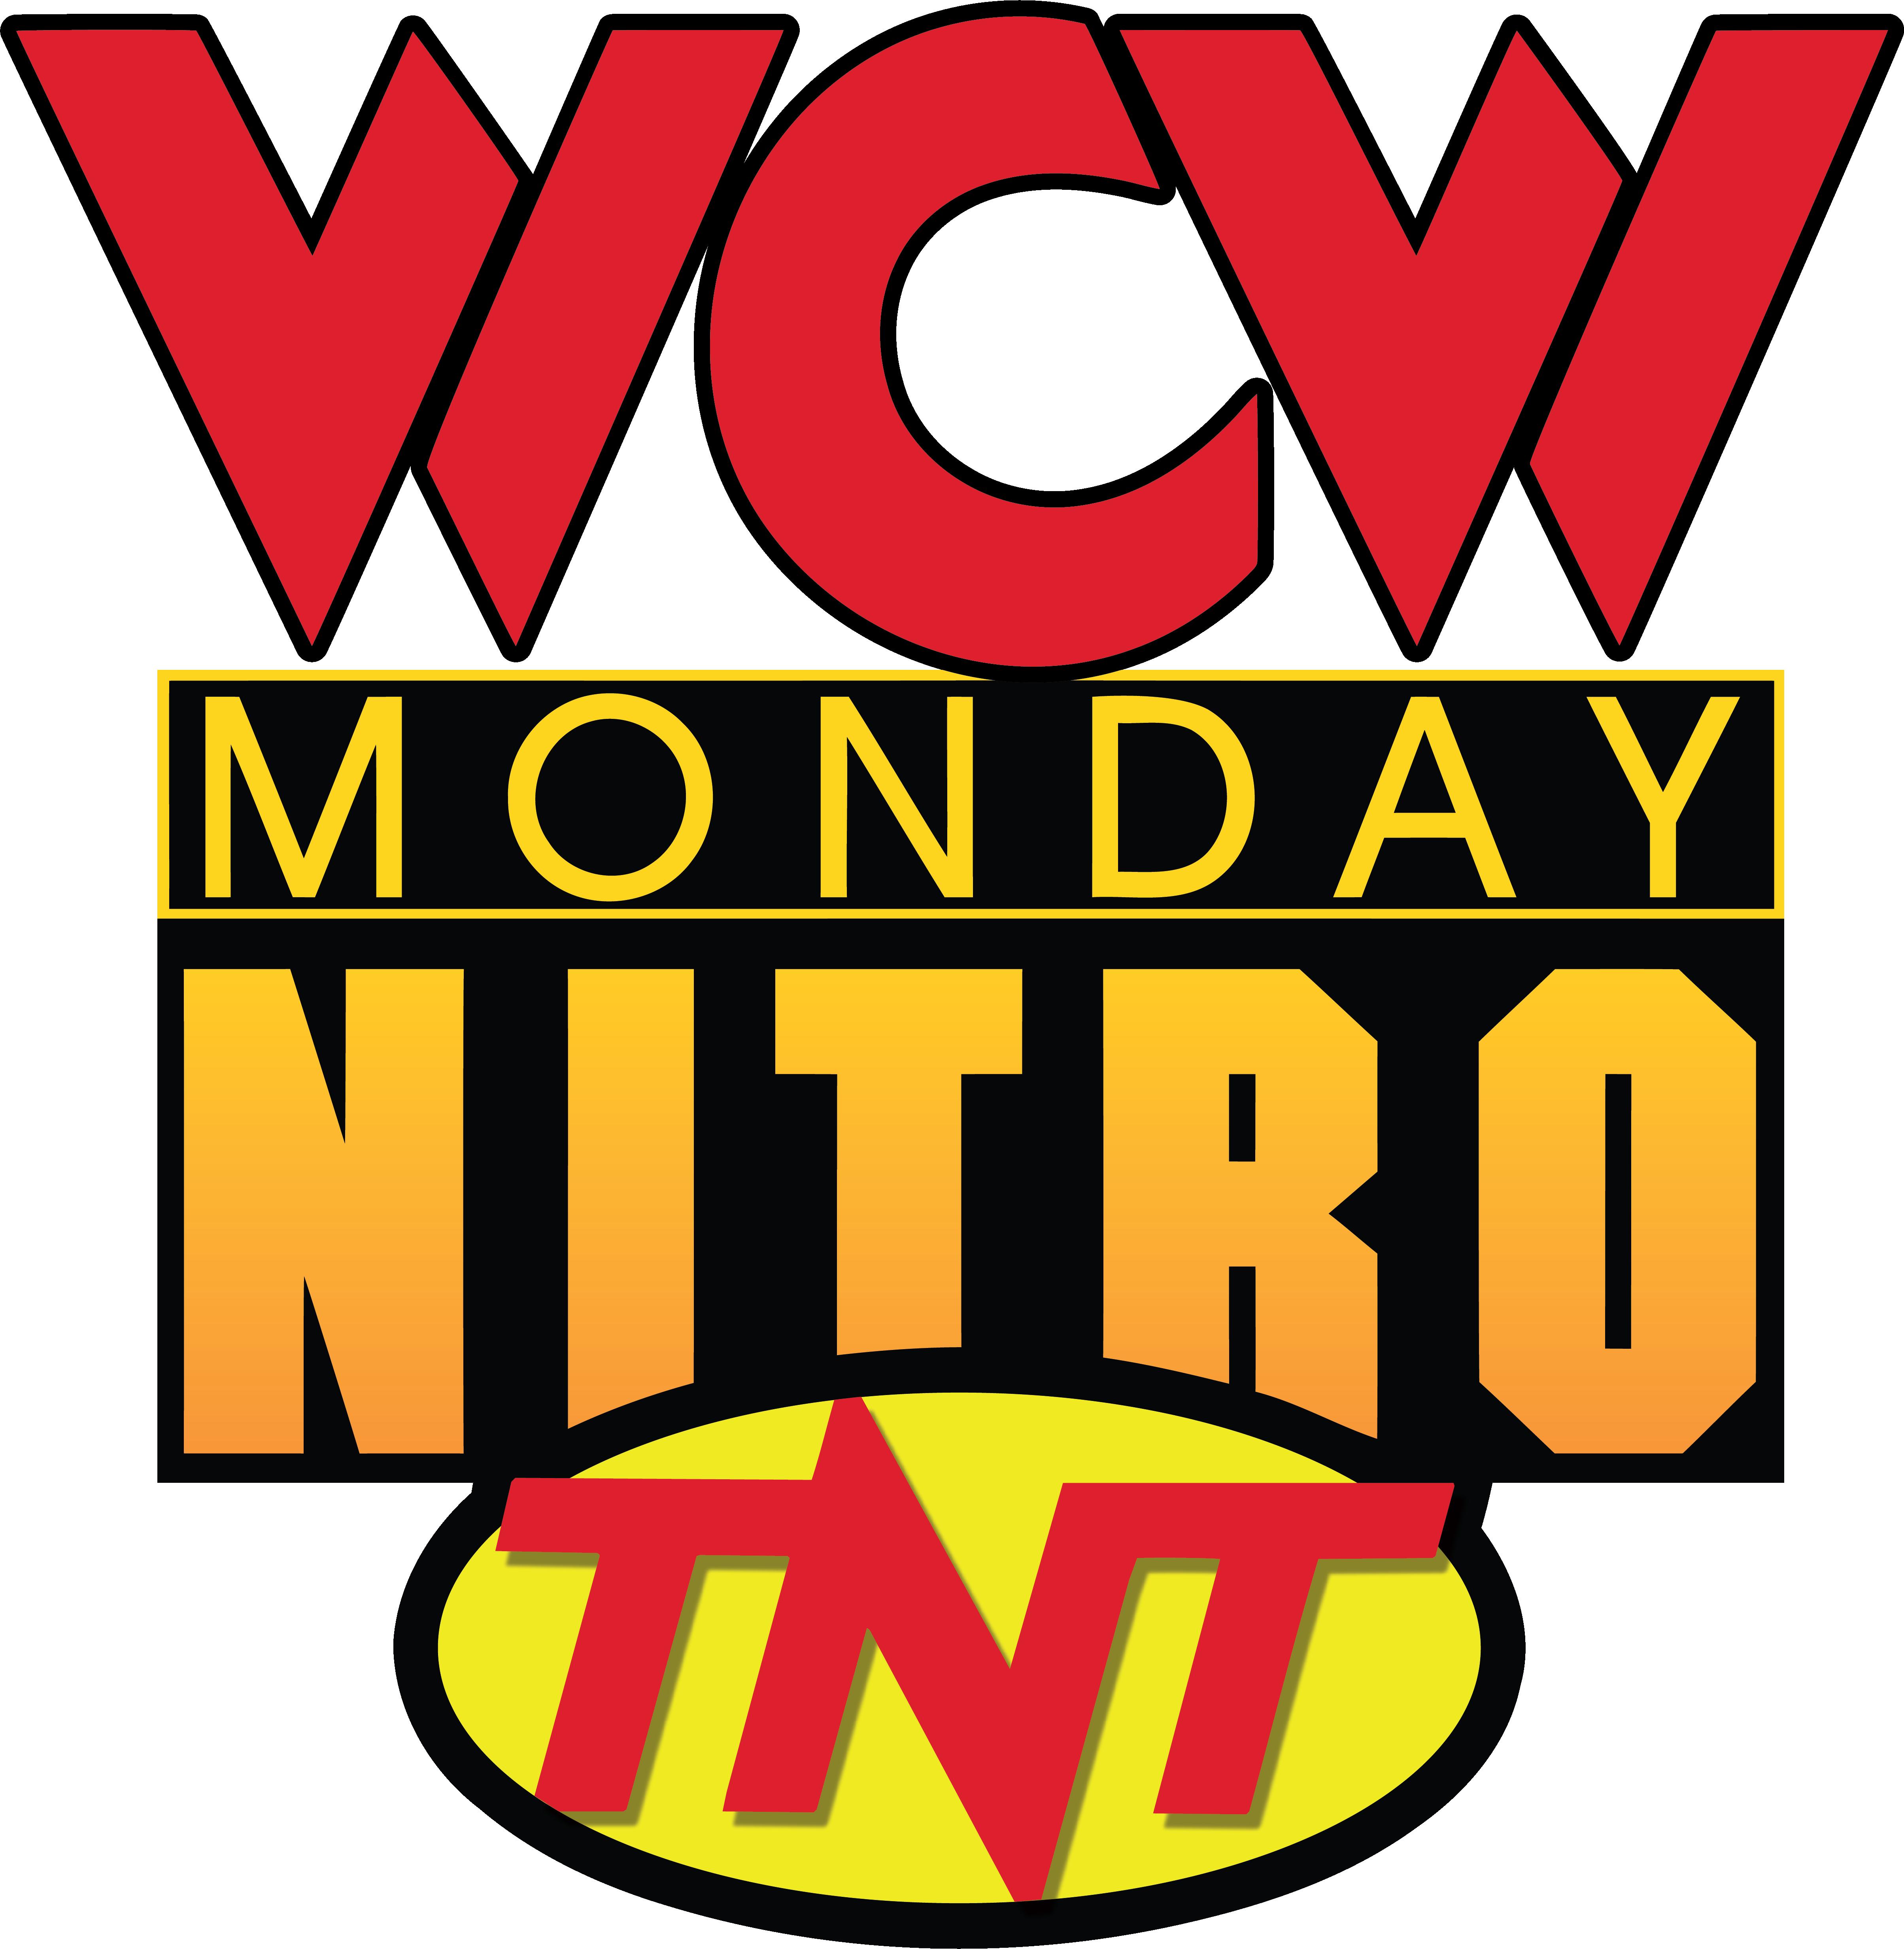 WCW Monday Nitro 1'st Logo - World Championship Wrestling